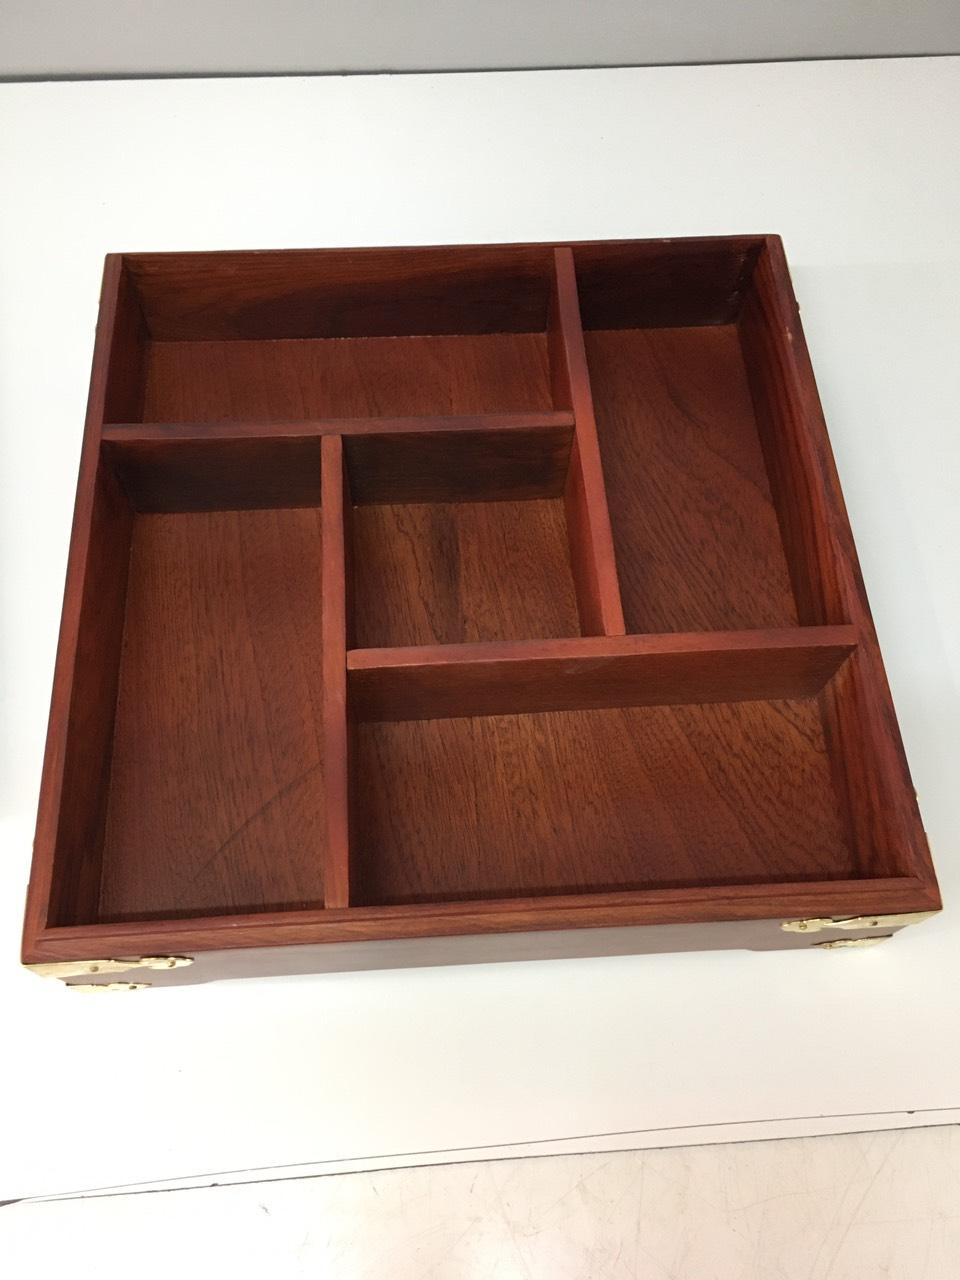 hộp đựng mứt gỗ hương, đựng bánh kẹo